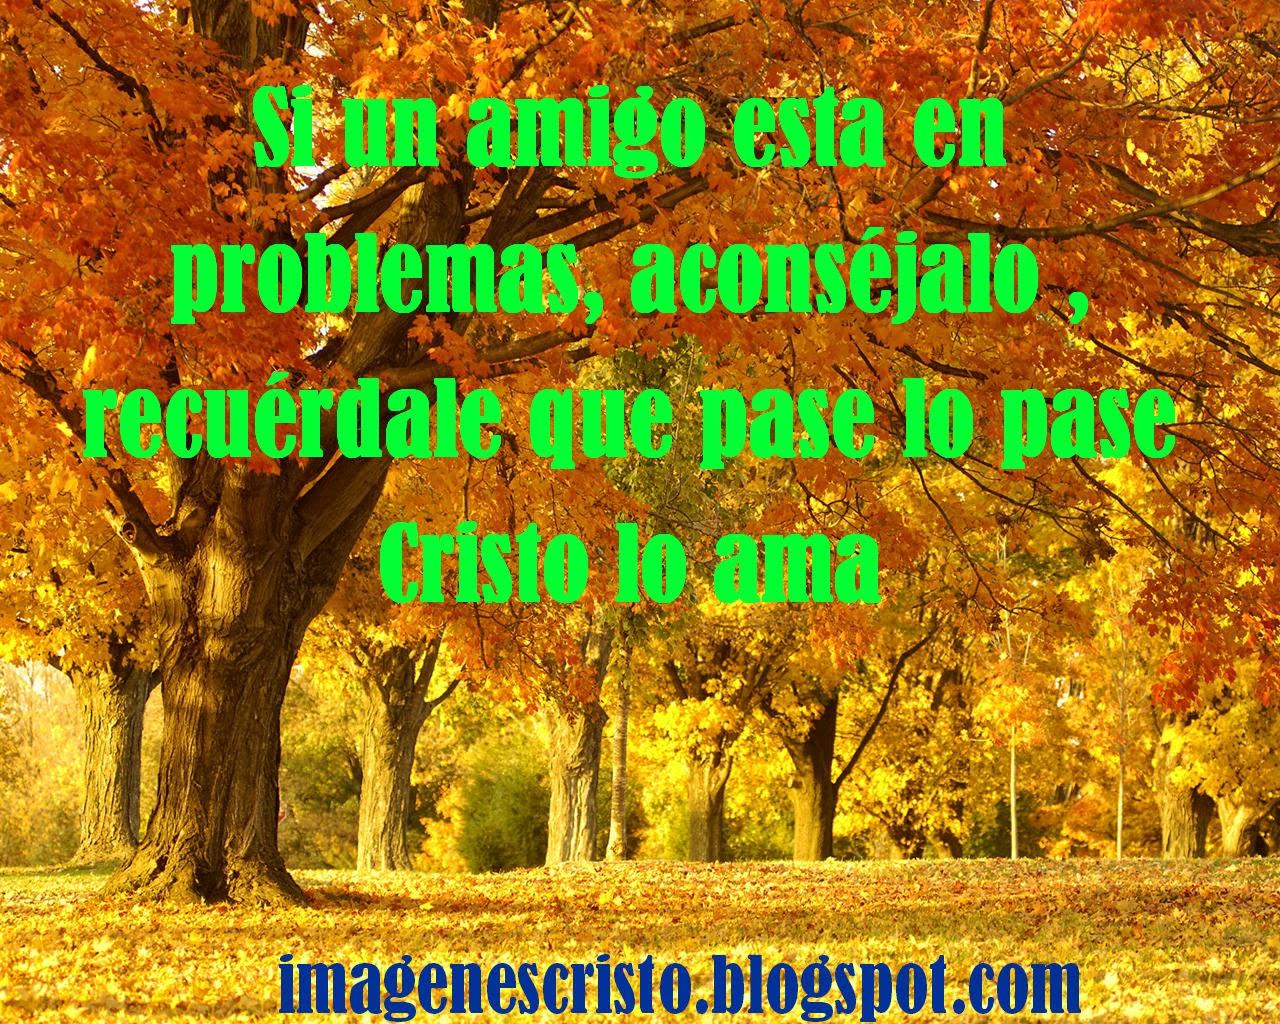 Descargar Imagenes Cristianas: Banco De Imagenes: Bajar Imágenes